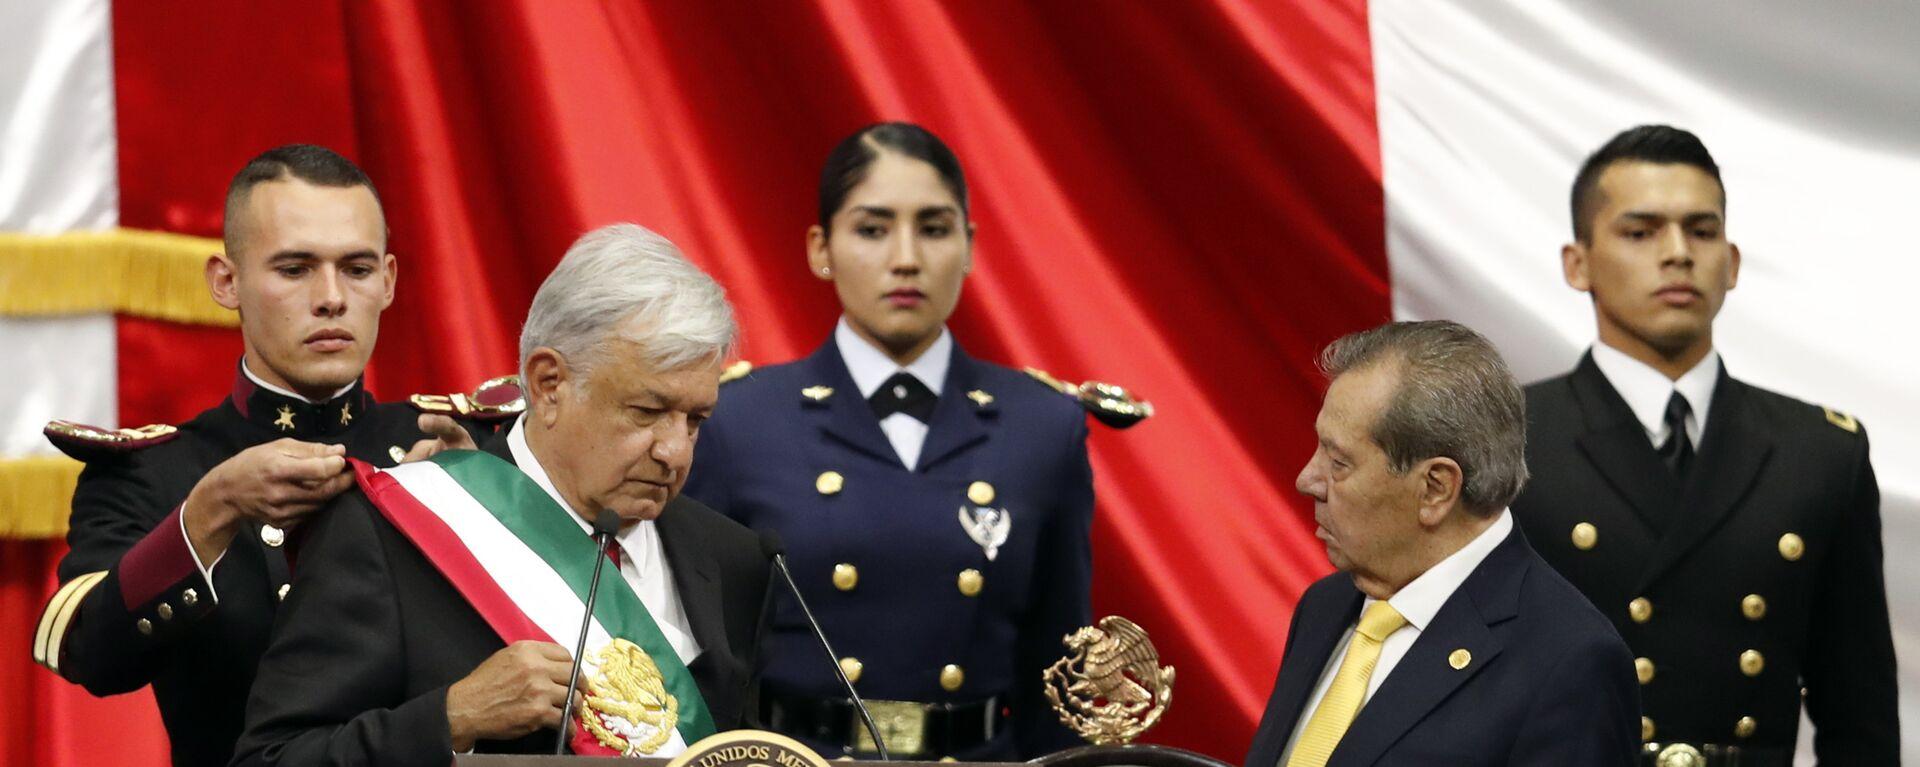 Andrés Manuel López Obrador toma posesión como presidente de México, 1 de diciembre de 2018 - Sputnik Mundo, 1920, 05.03.2021